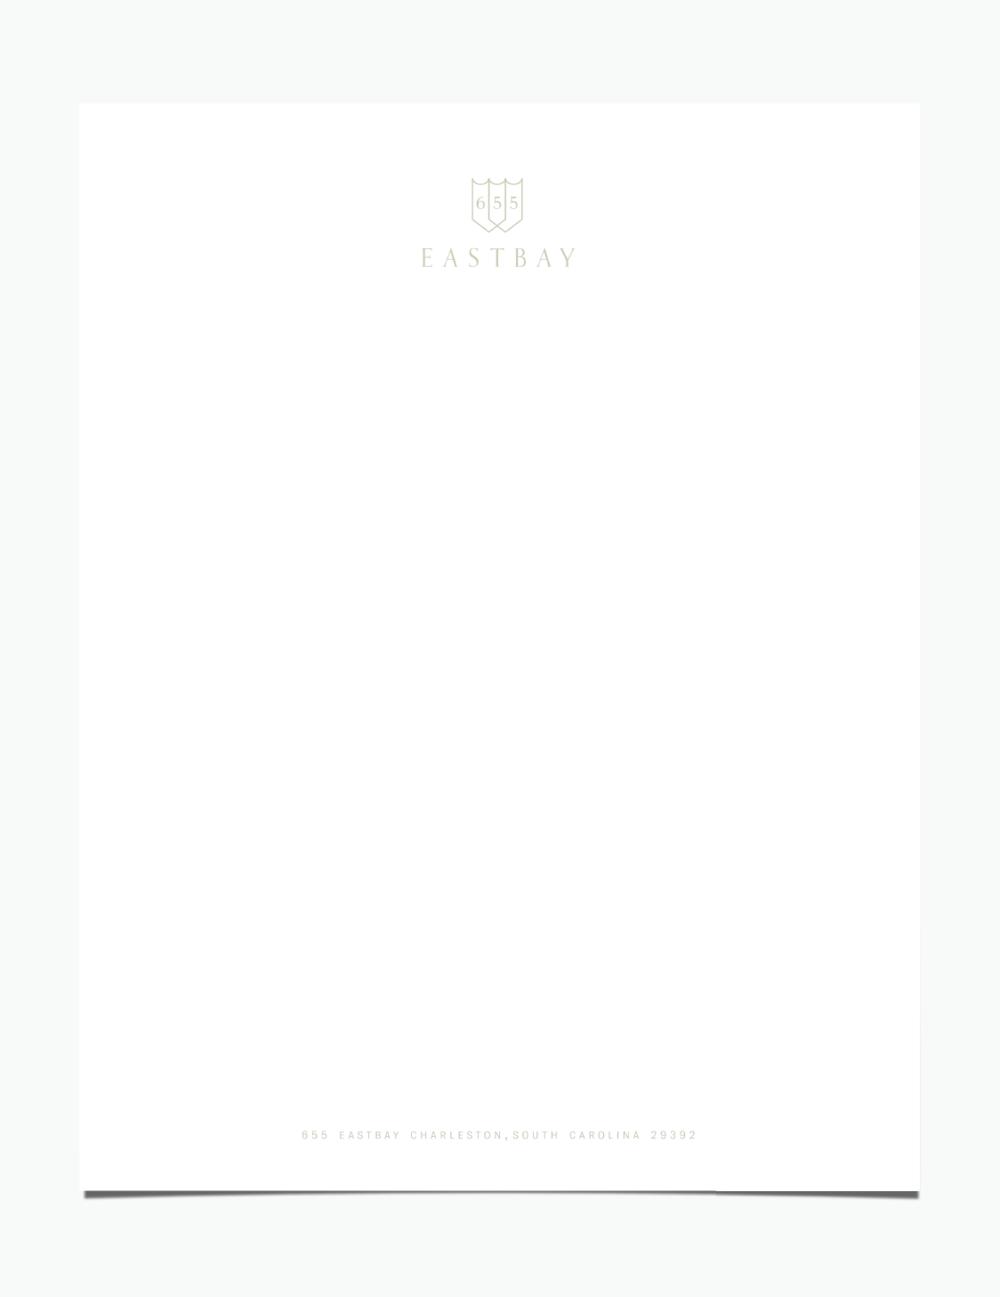 Screen Shot 2019-02-08 at 2.06.40 PM.png